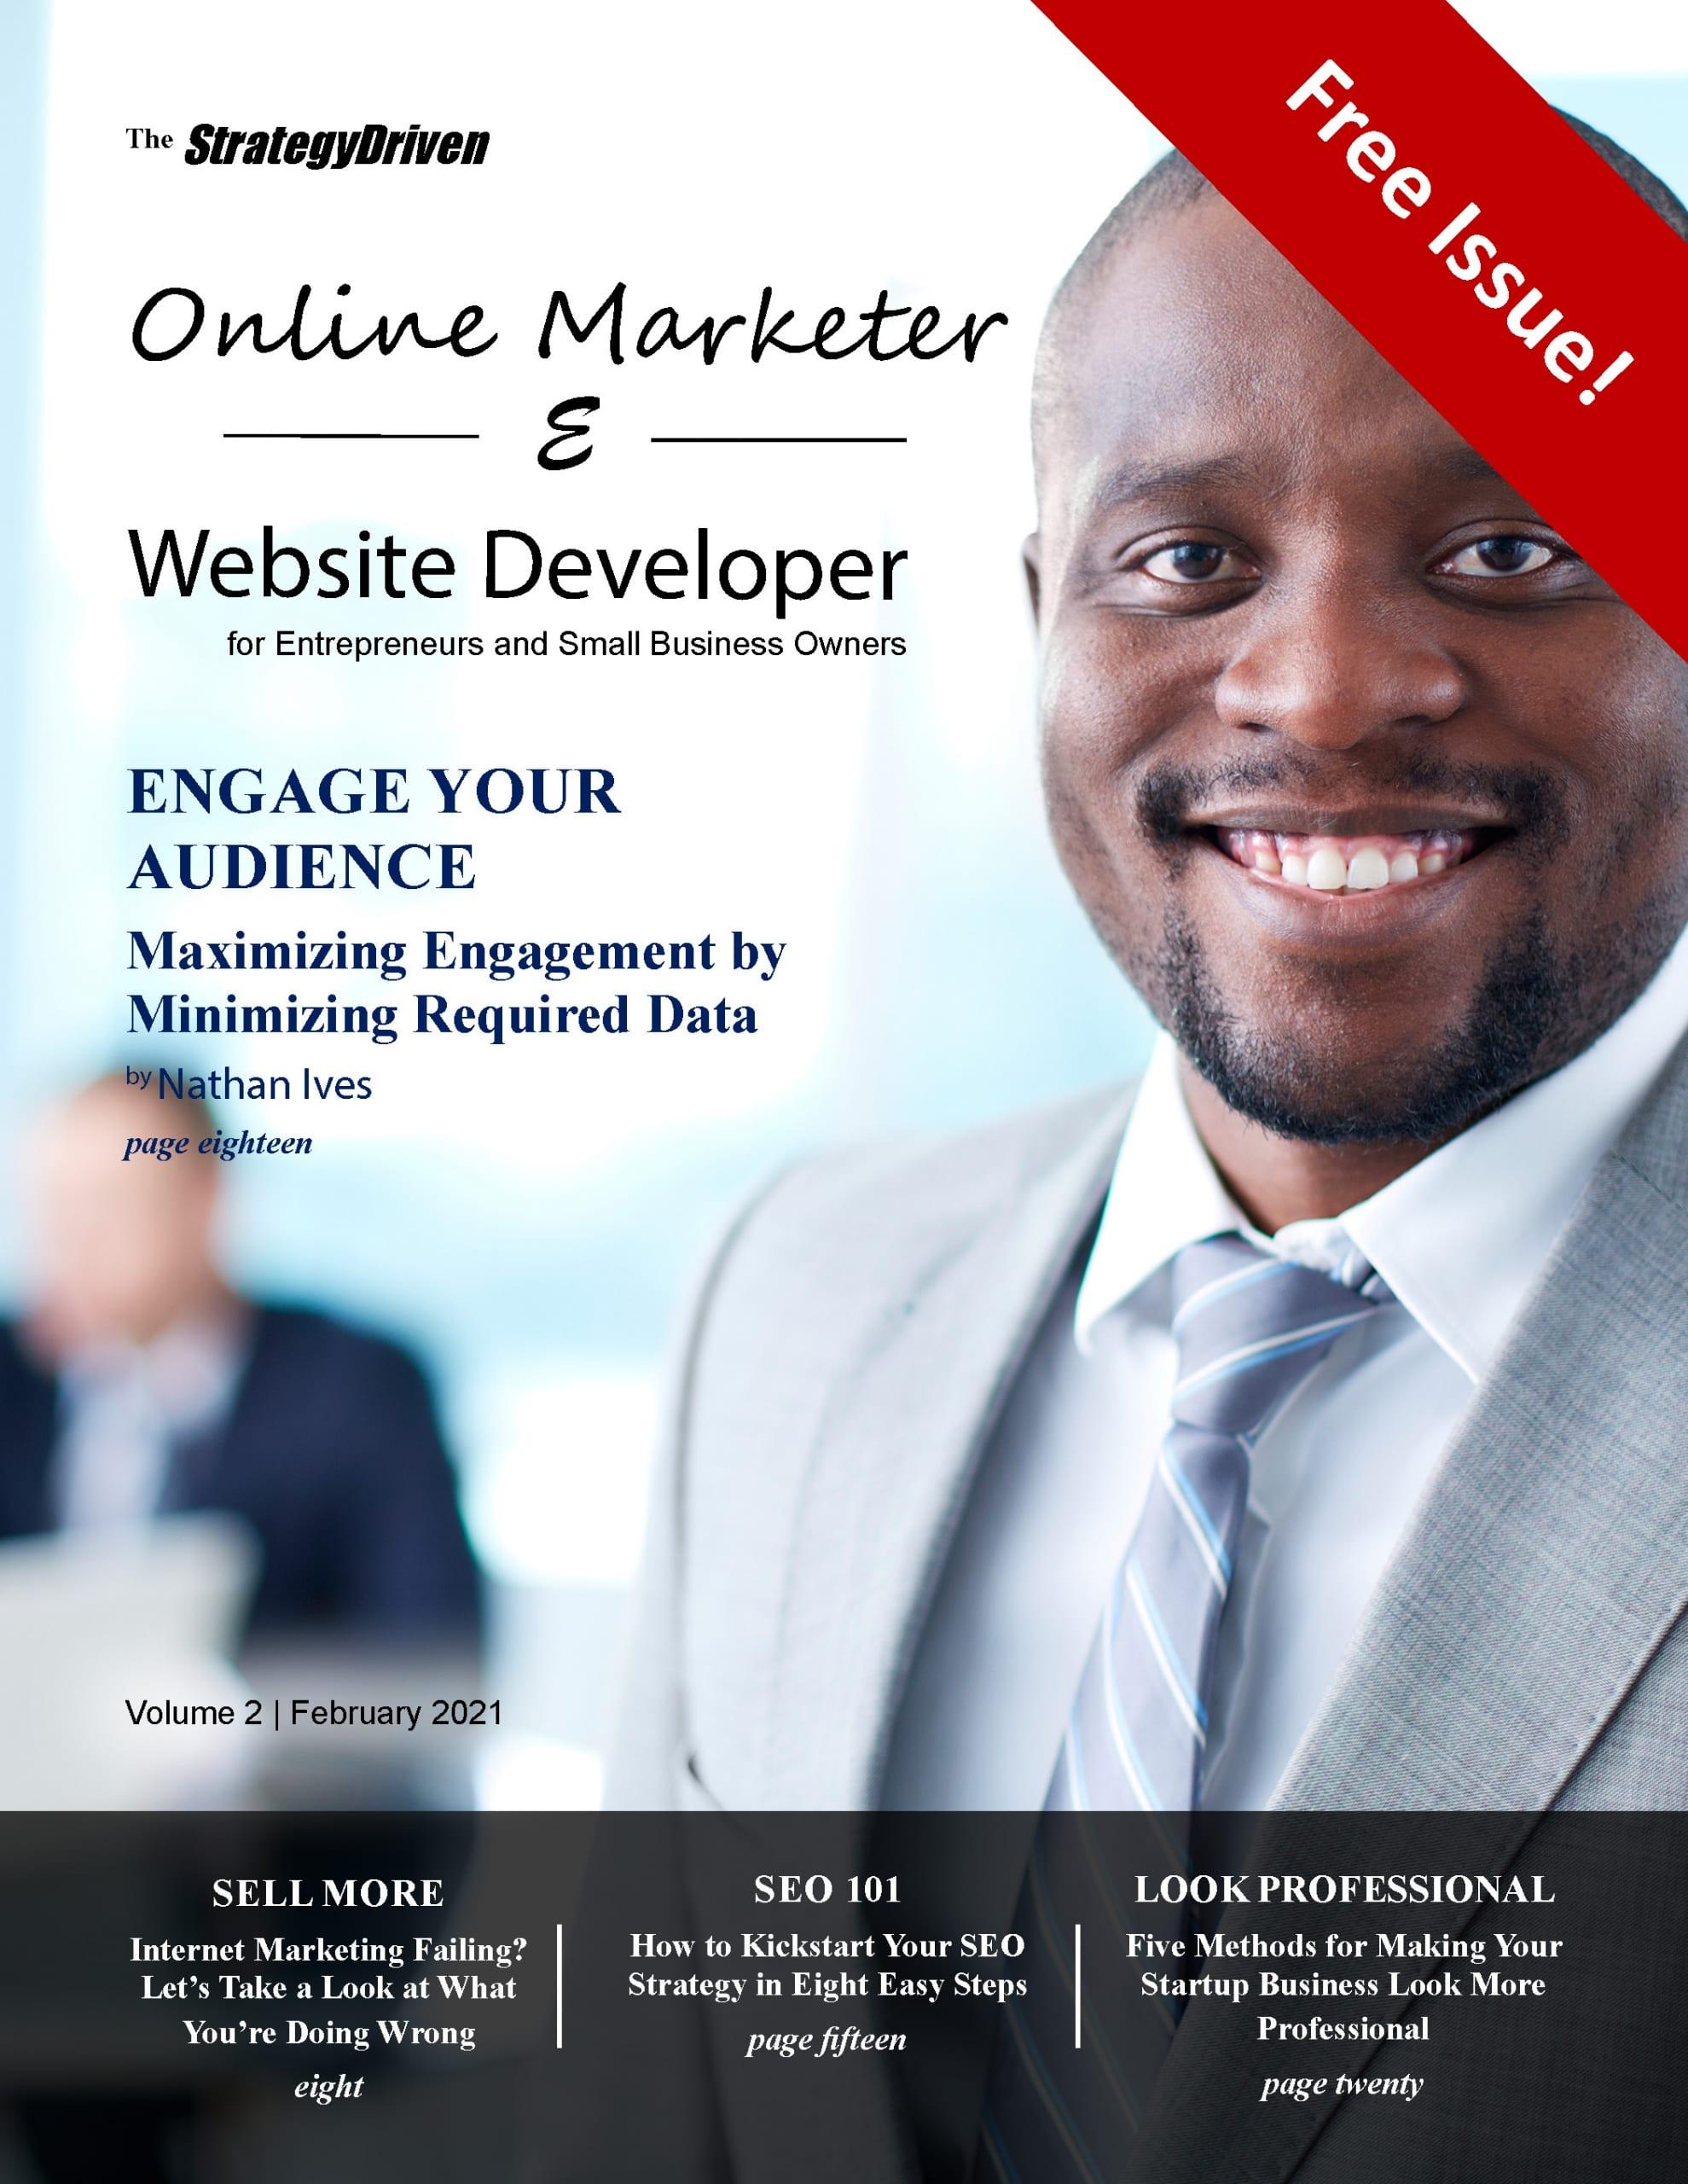 StrategyDriven Online Marketer & Website Developer – Volume 2, February 2021